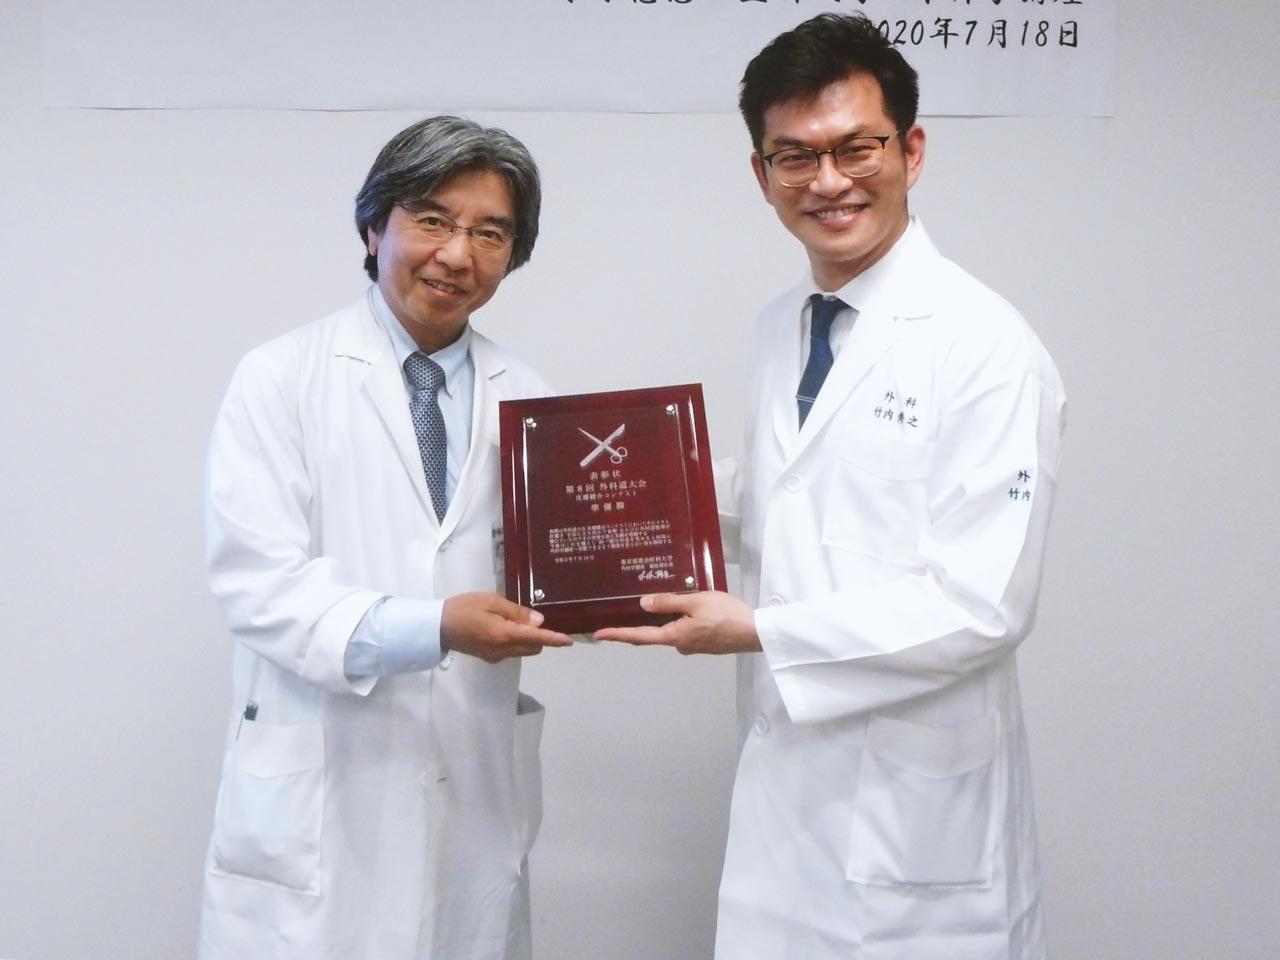 準優勝:竹内秀之先生(国際医療福祉大学病院)